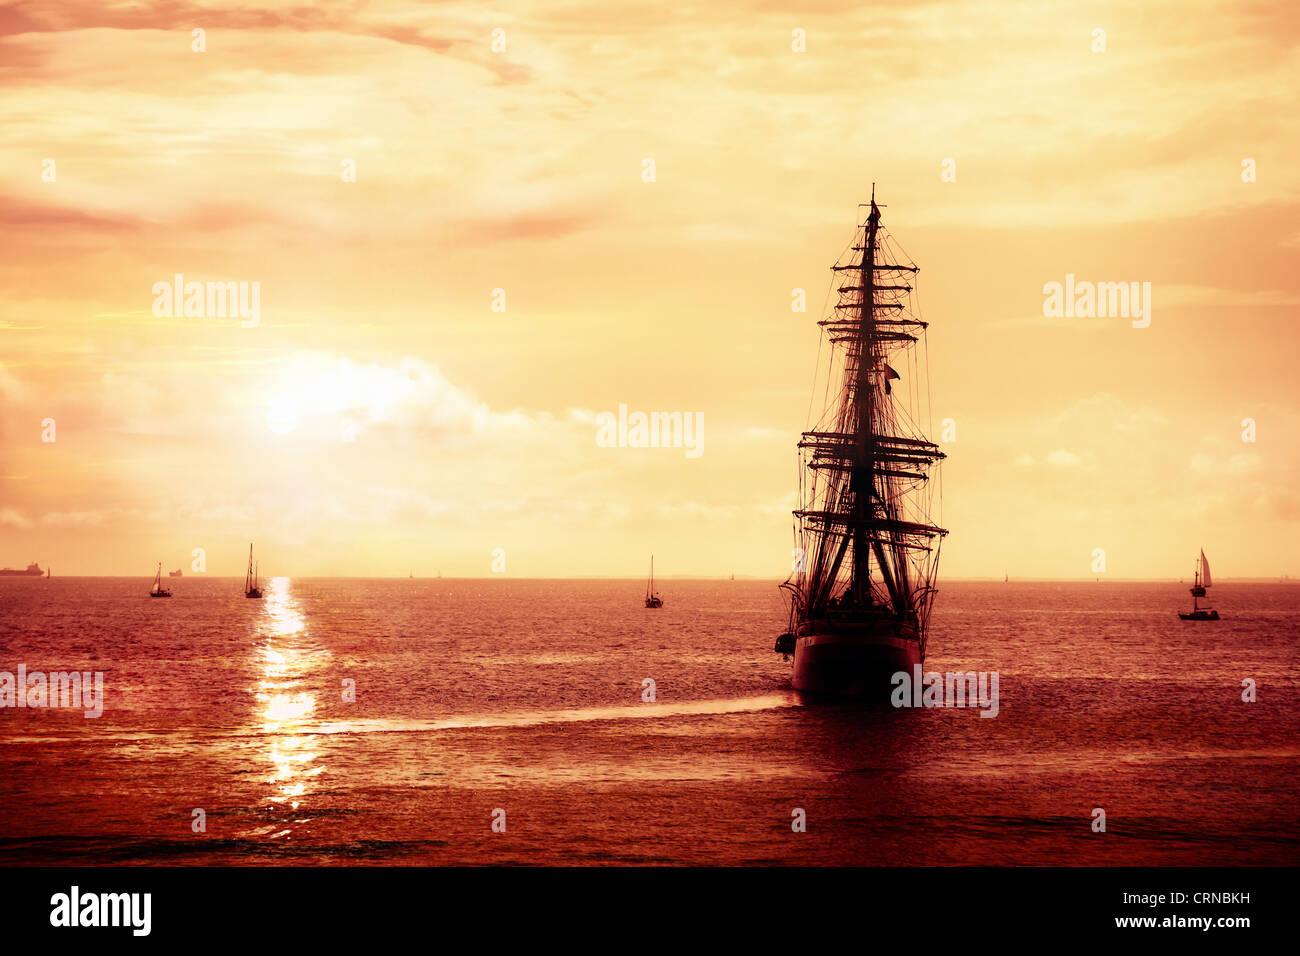 Piraten Schiff Stockfoto